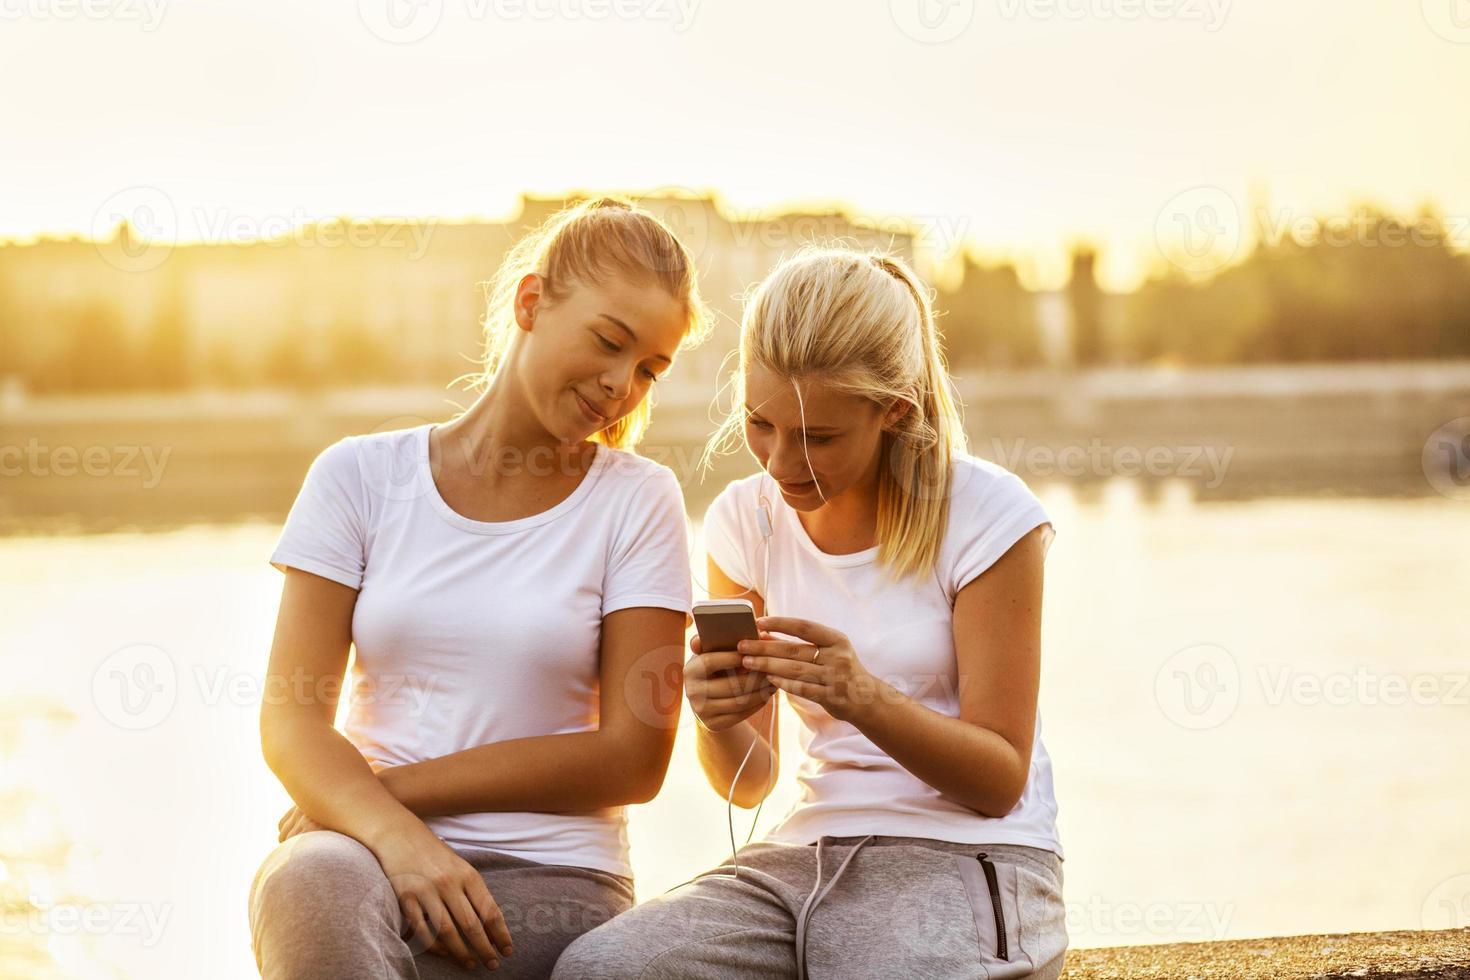 Freundschaft, zwei Mädchen haben Spaß foto